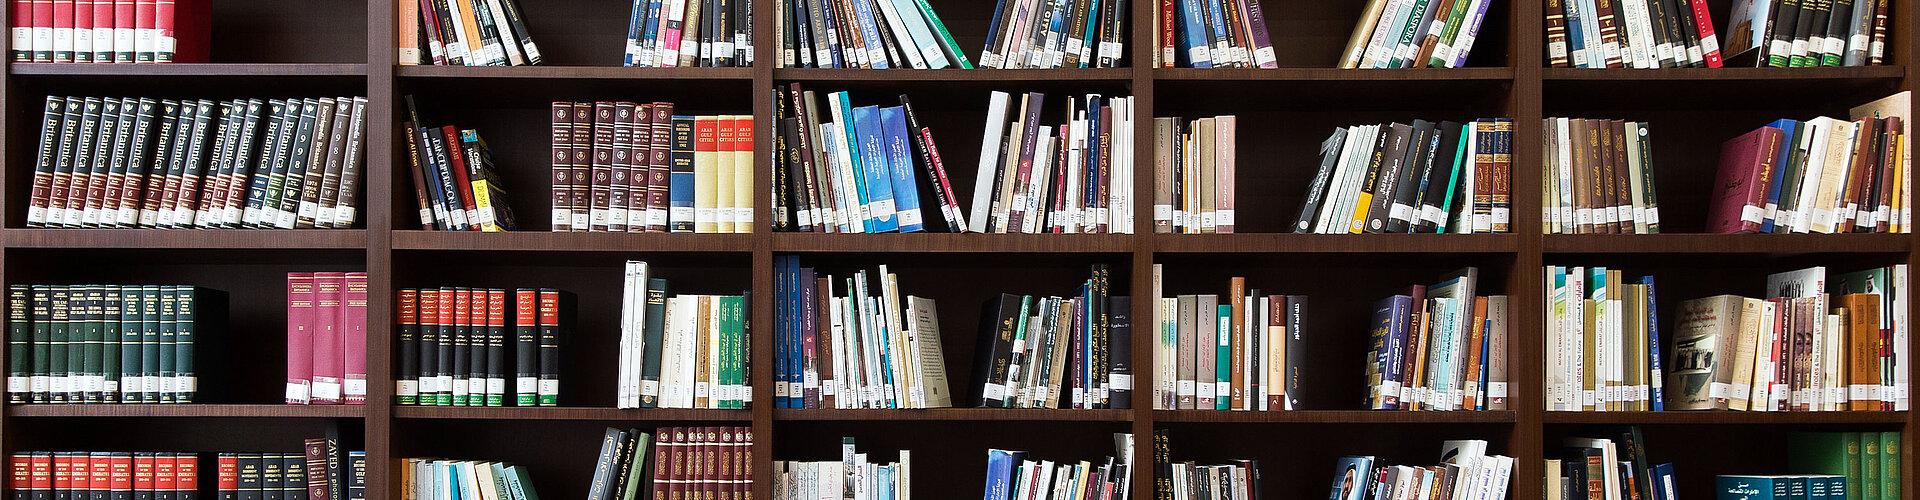 Bibliotheksregal gefüllt mit Büchern